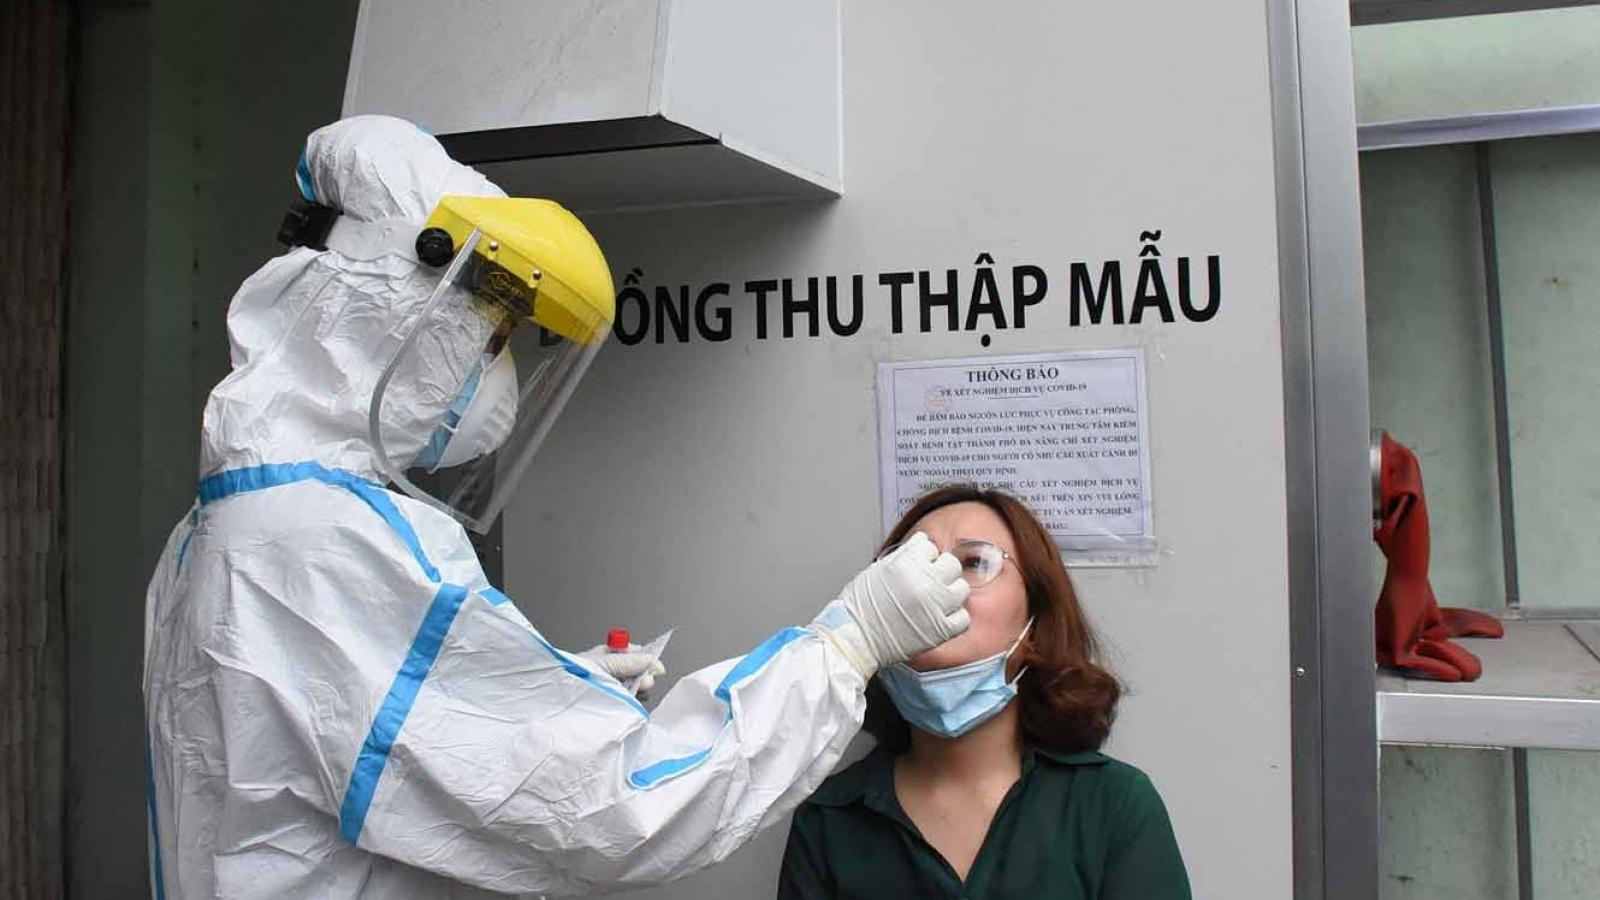 Gần 7.000 nhân viên y tế Đà Nẵng đều âm tính với SARS-CoV-2